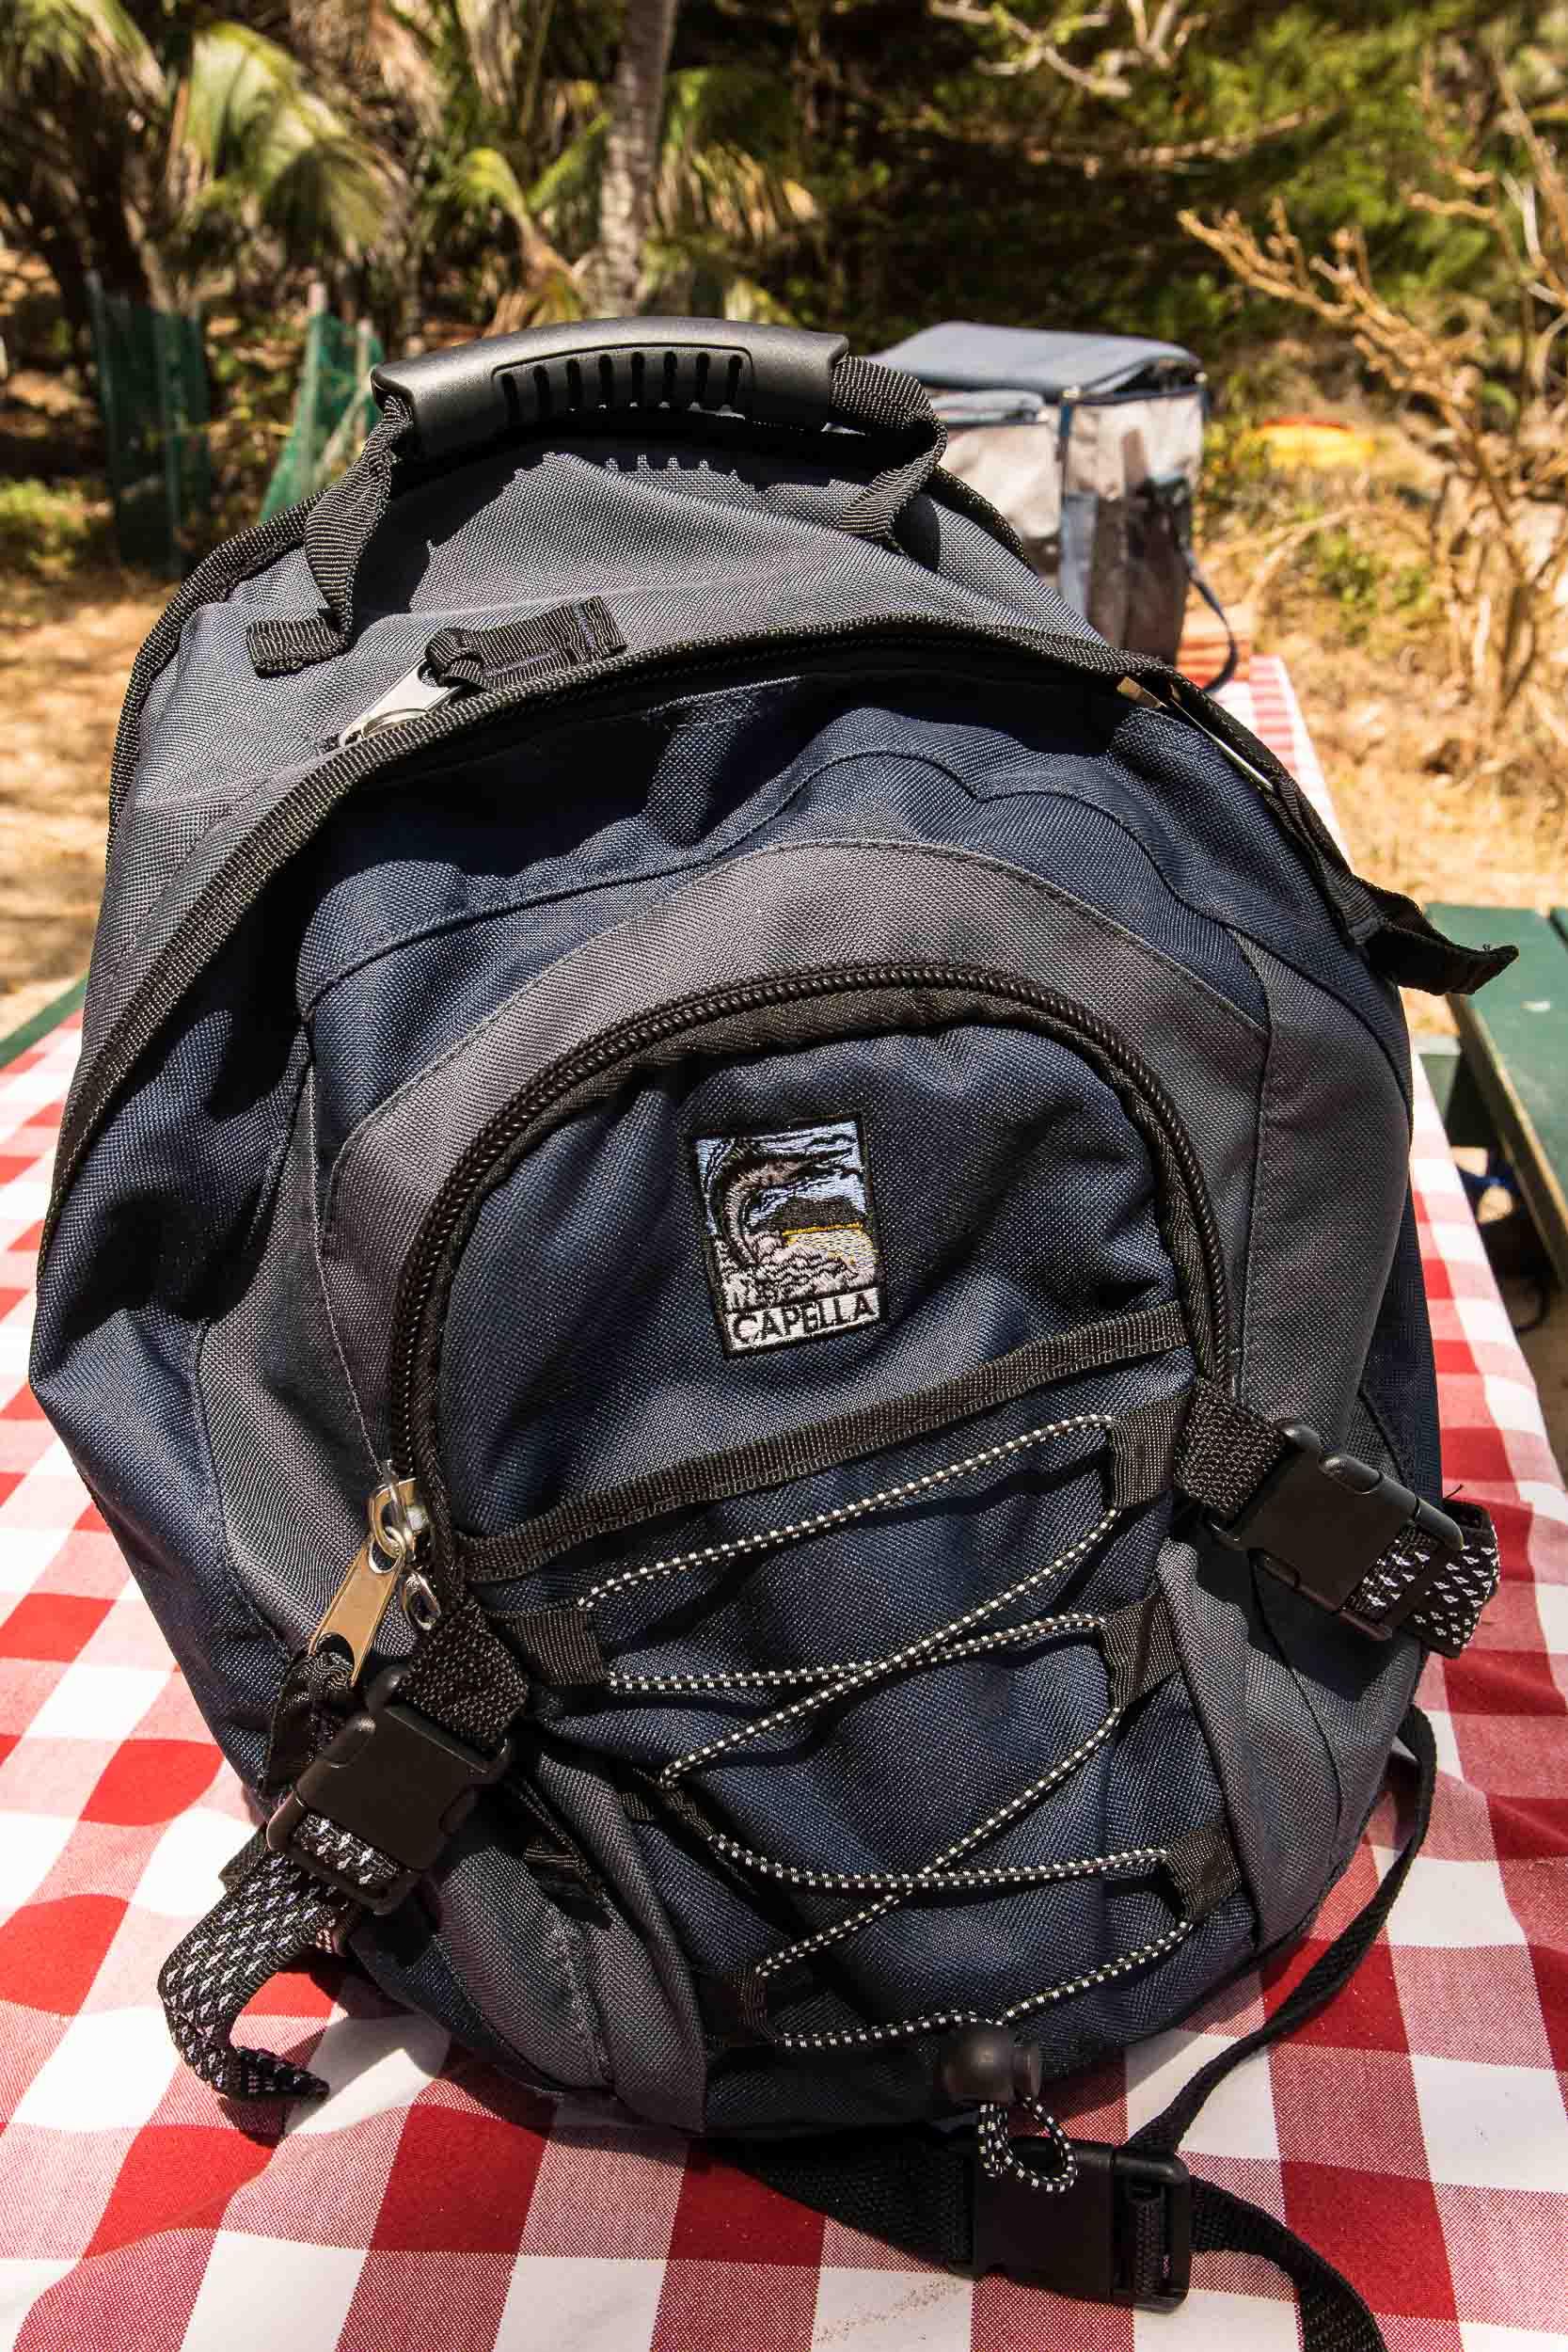 Capella Lodge, Backpacks provided, Lord Howe Island